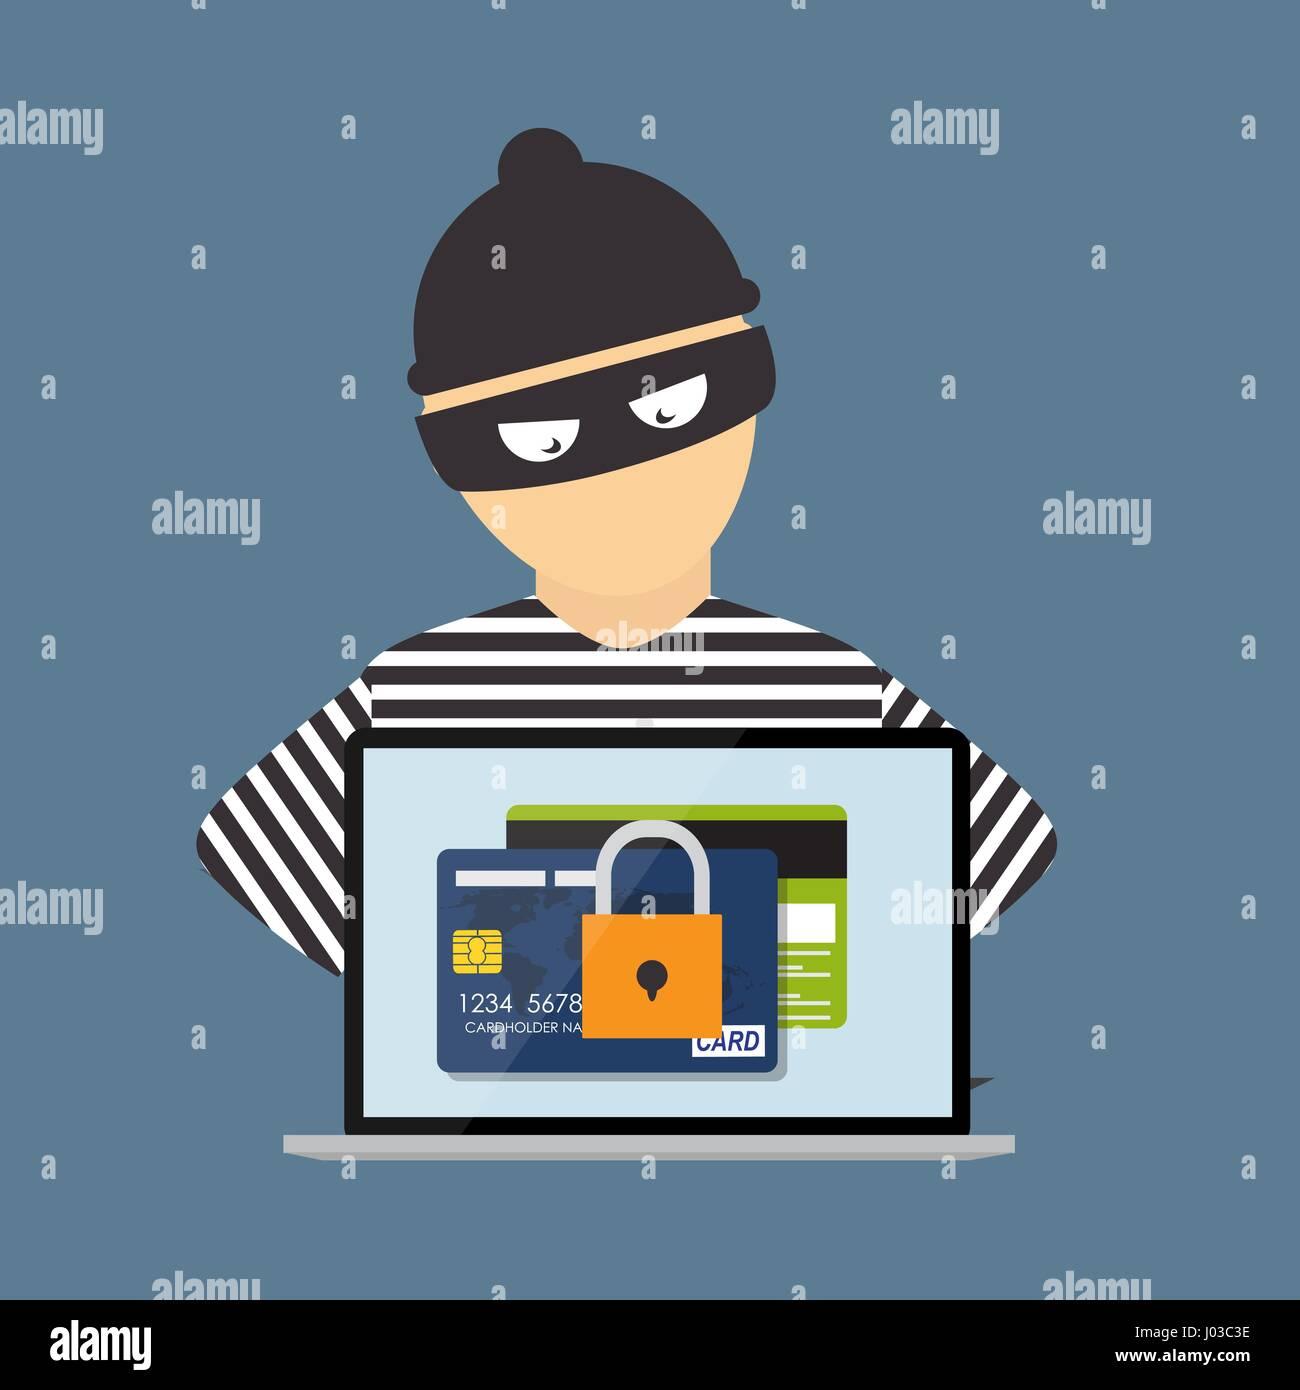 Hacker penal, el concepto de fraude, delito cibernético. Vector Illustrat Imagen De Stock